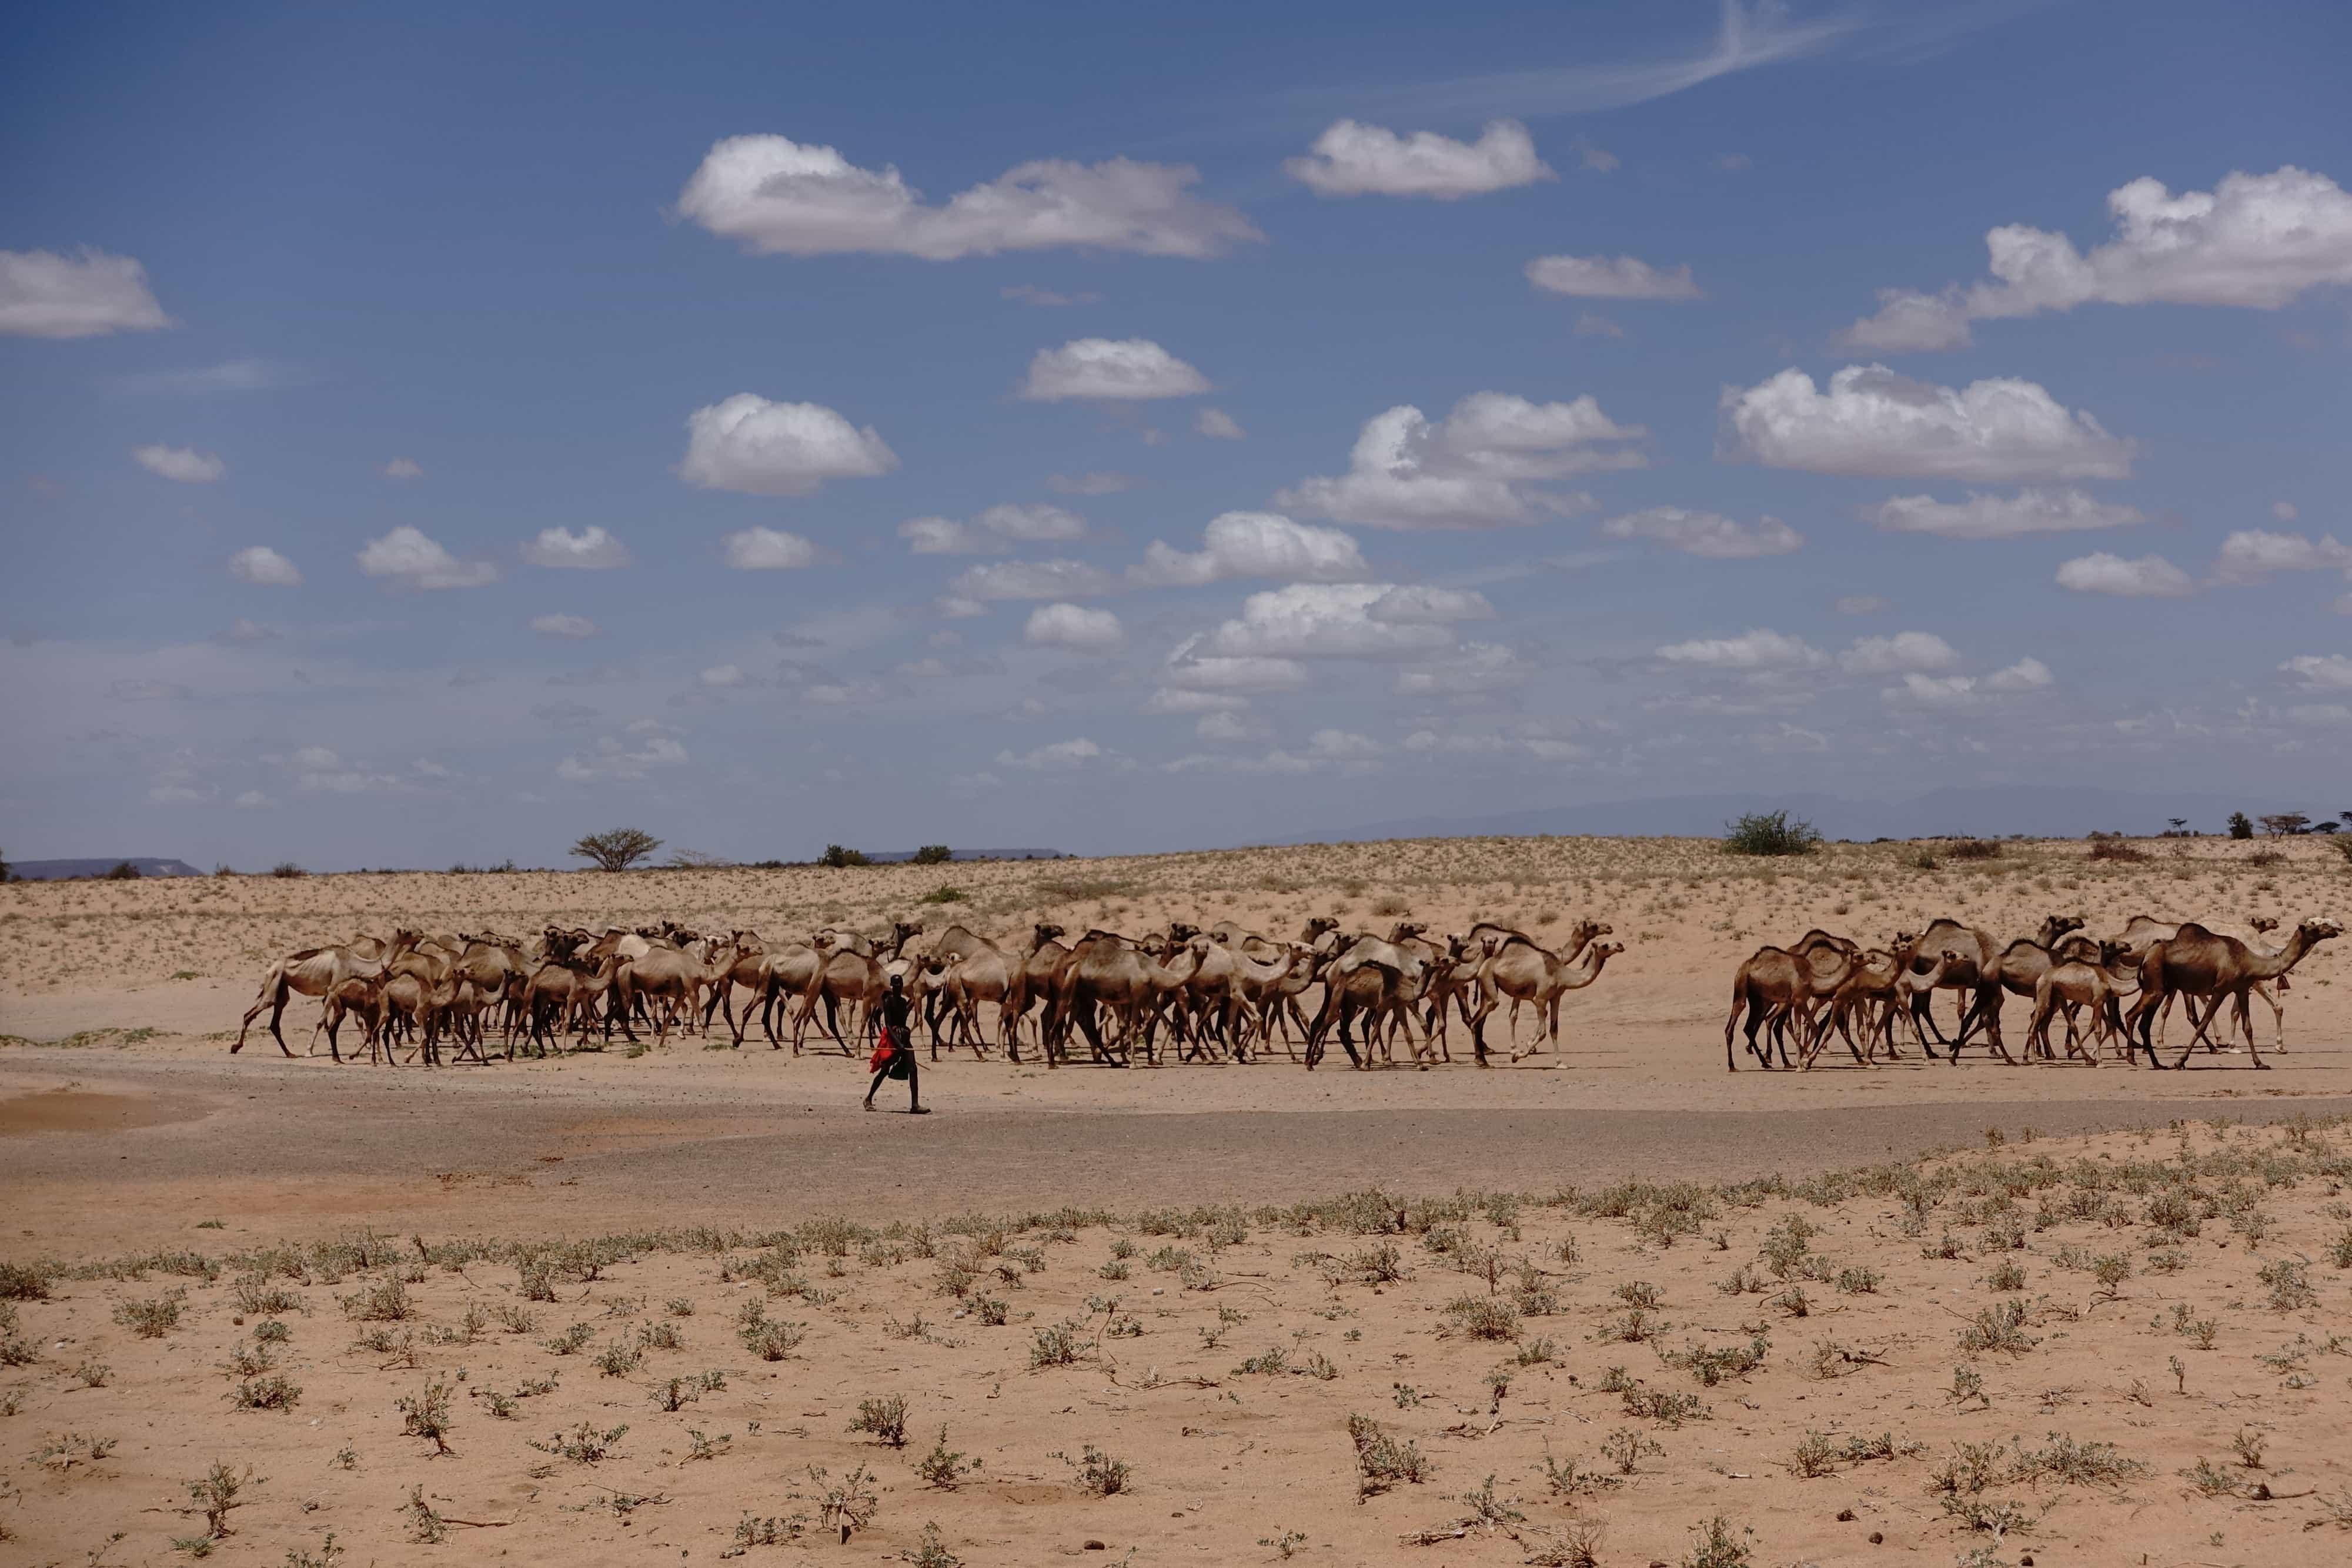 Pastoralister med dromedarer, oftest i kæmpe grupper med flere hundrede for at undgå voldelige angreb. Foto: Shafiur Rahman, Danwatch.